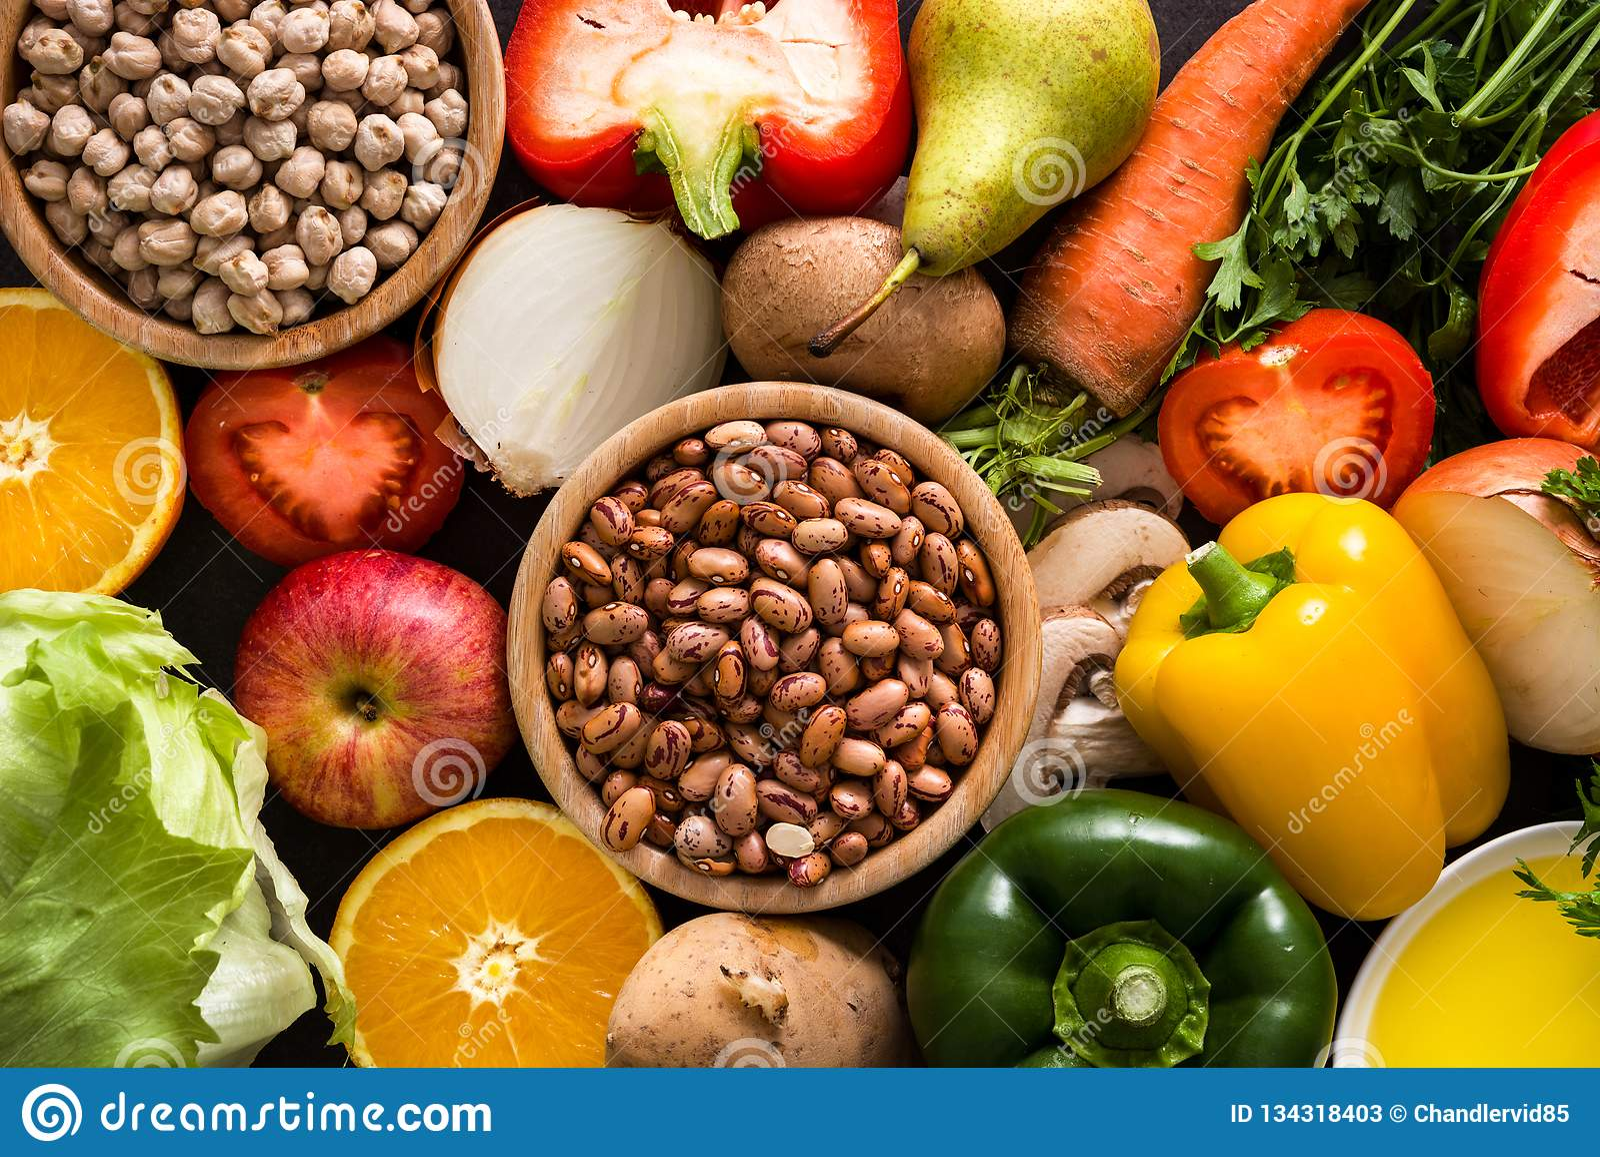 吃健康 地中海的饮食 水果和蔬菜